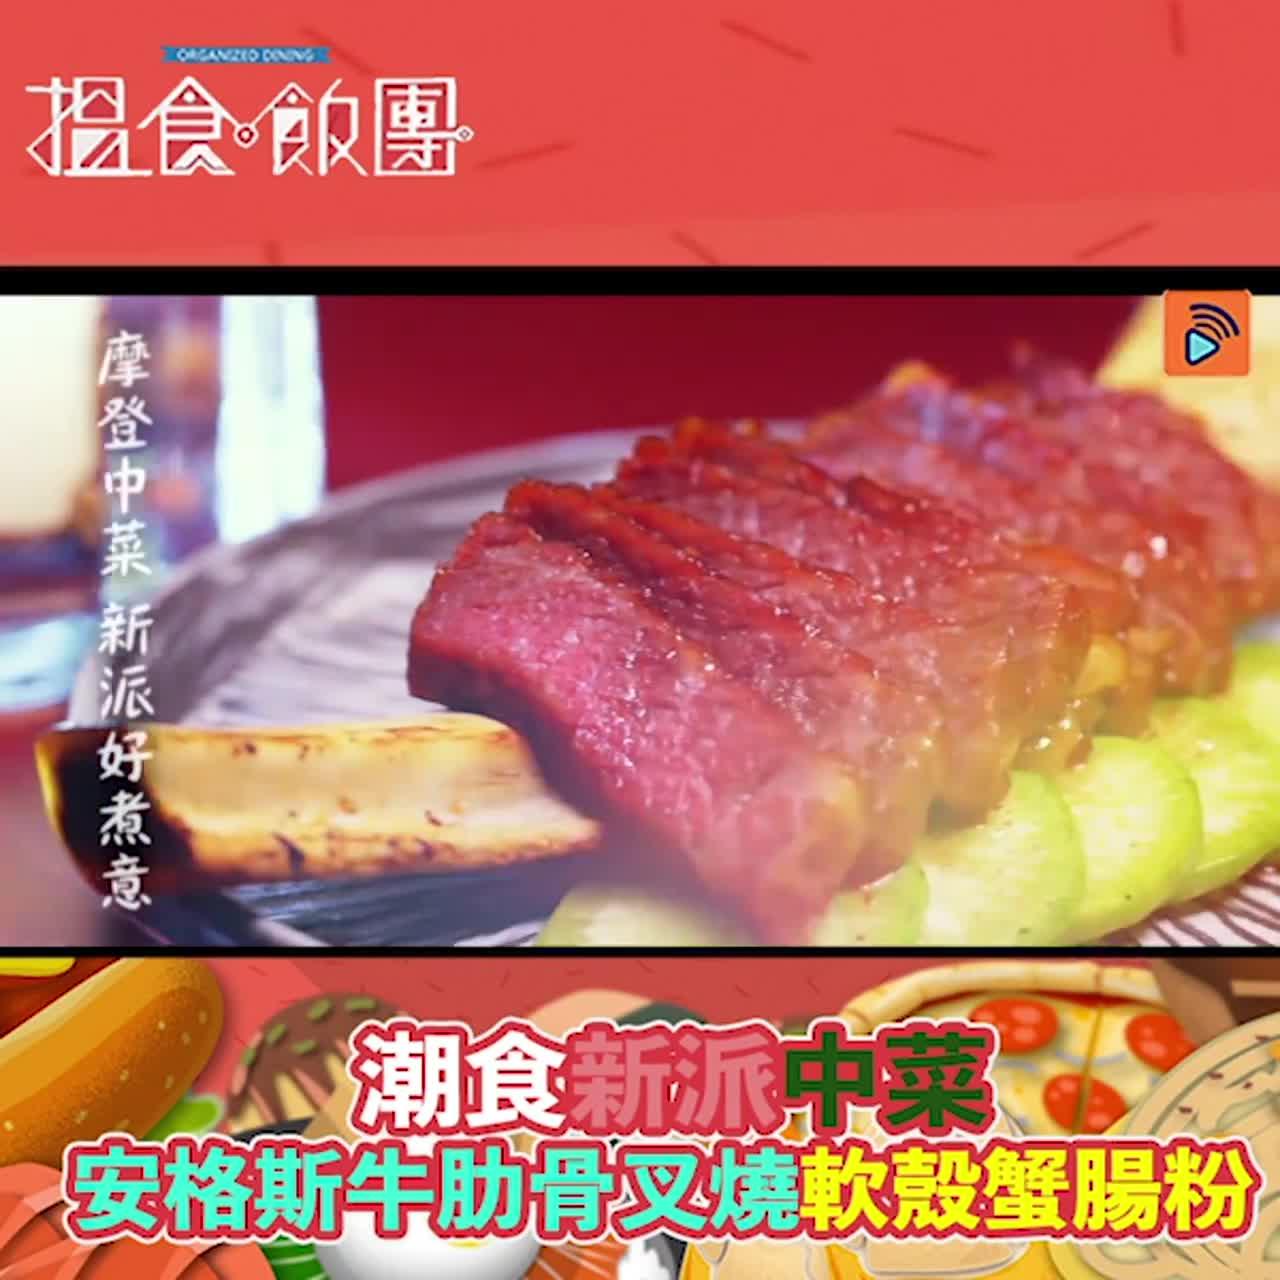 潮食新派中菜 同傳統講byebye